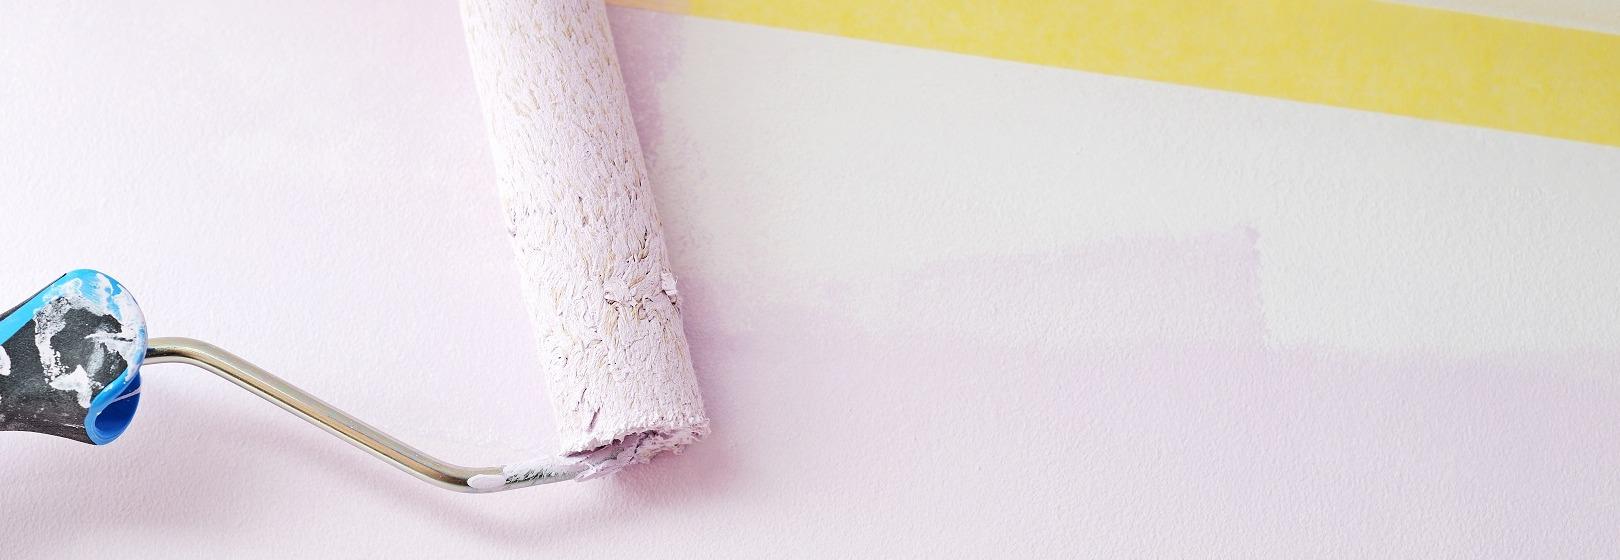 malowanie ściany wałkiem